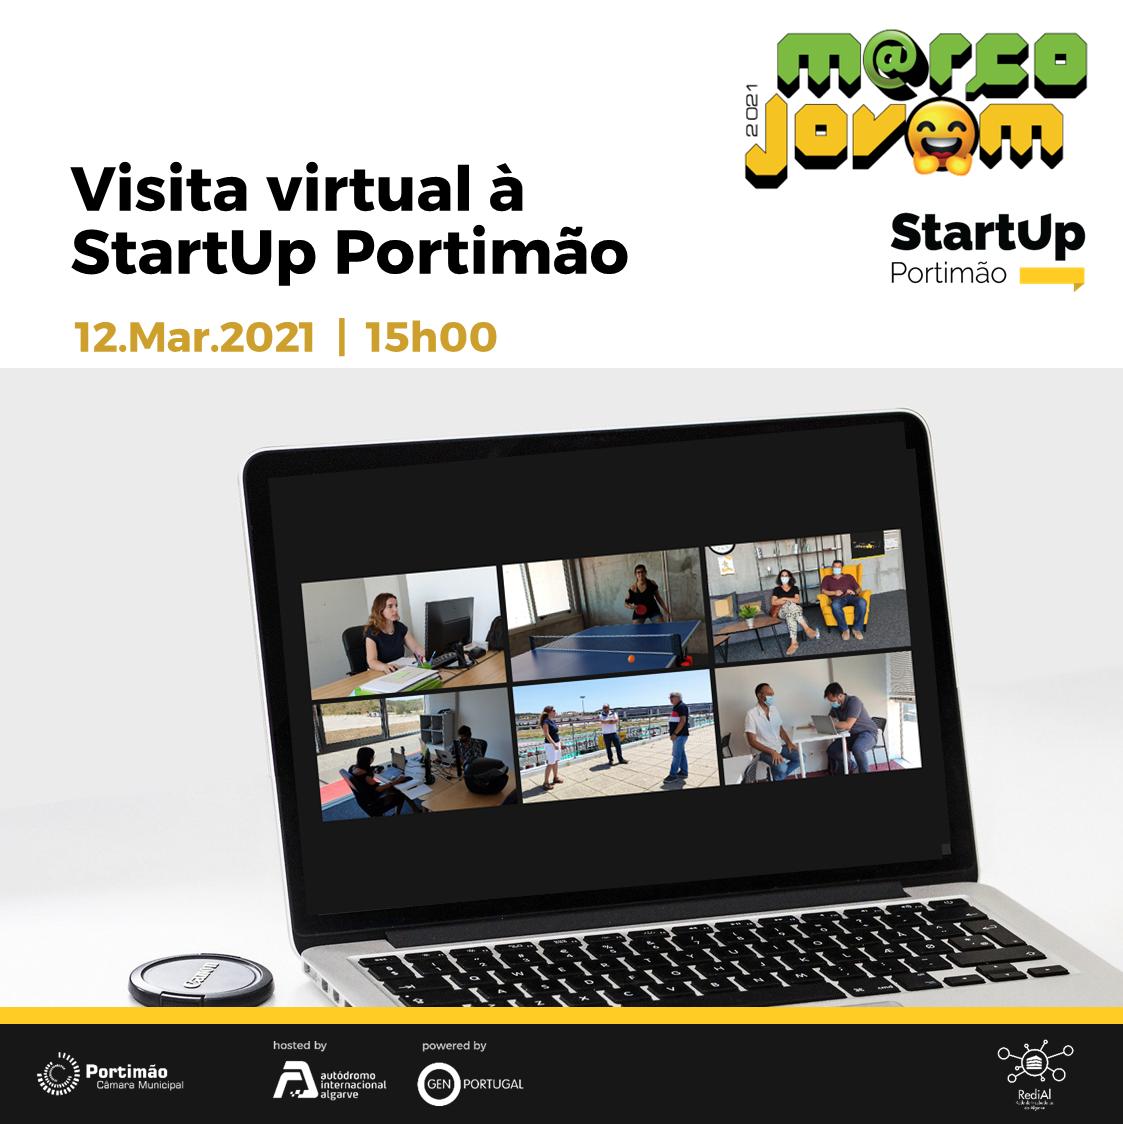 Virtual Tour of StartUp Portimão